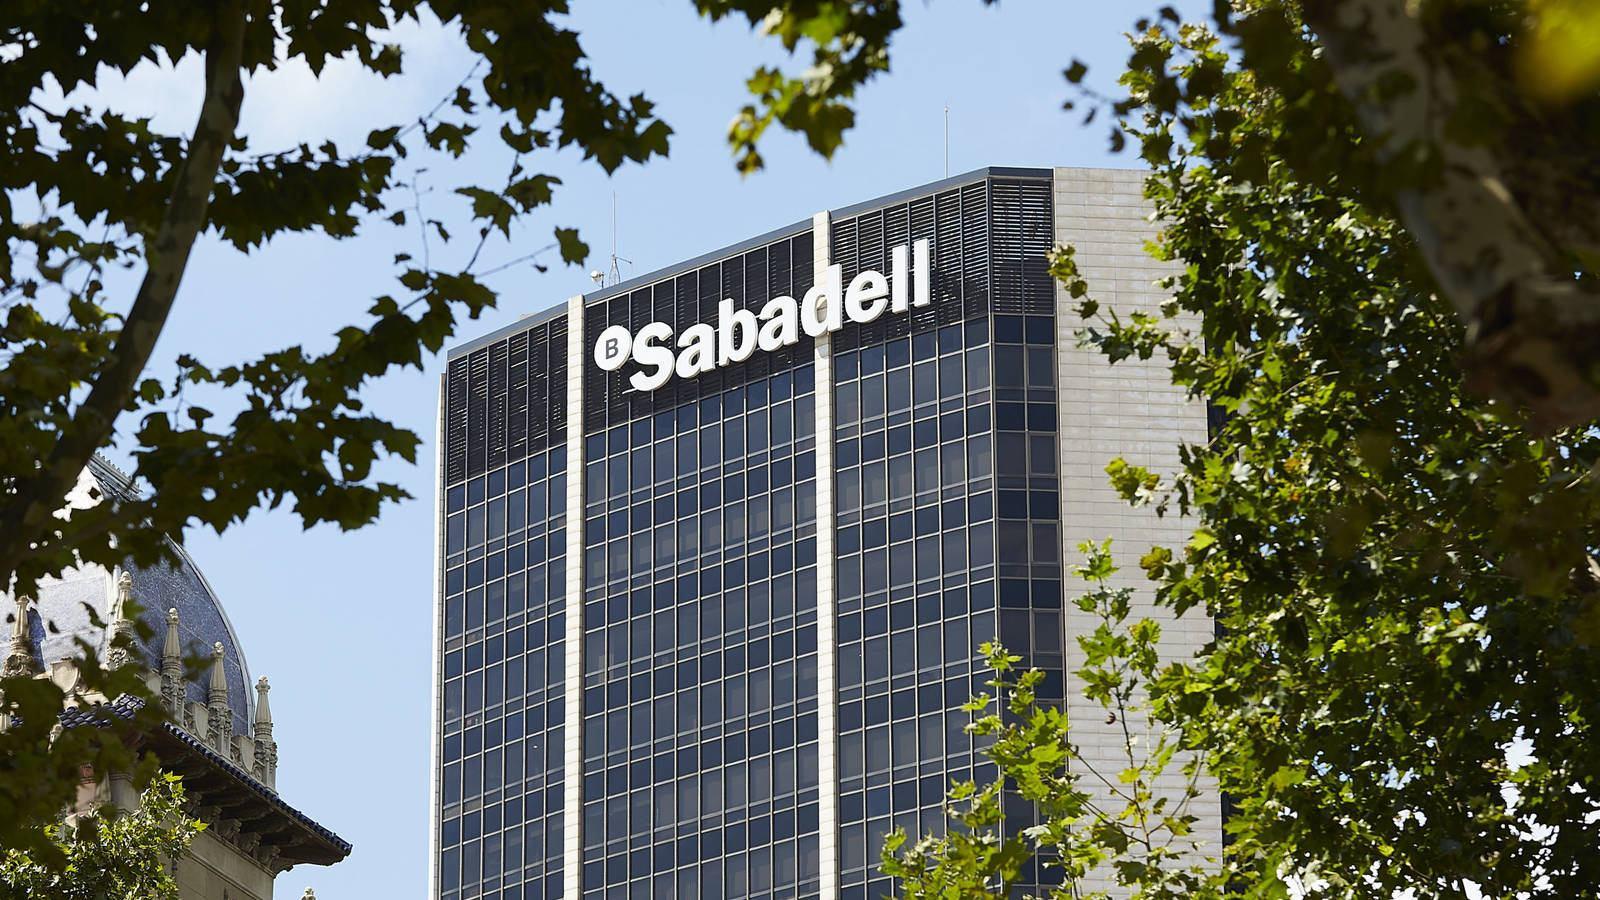 El Sabadell desenvoluparà el seu nou pla prioritzant el mercat domèstic